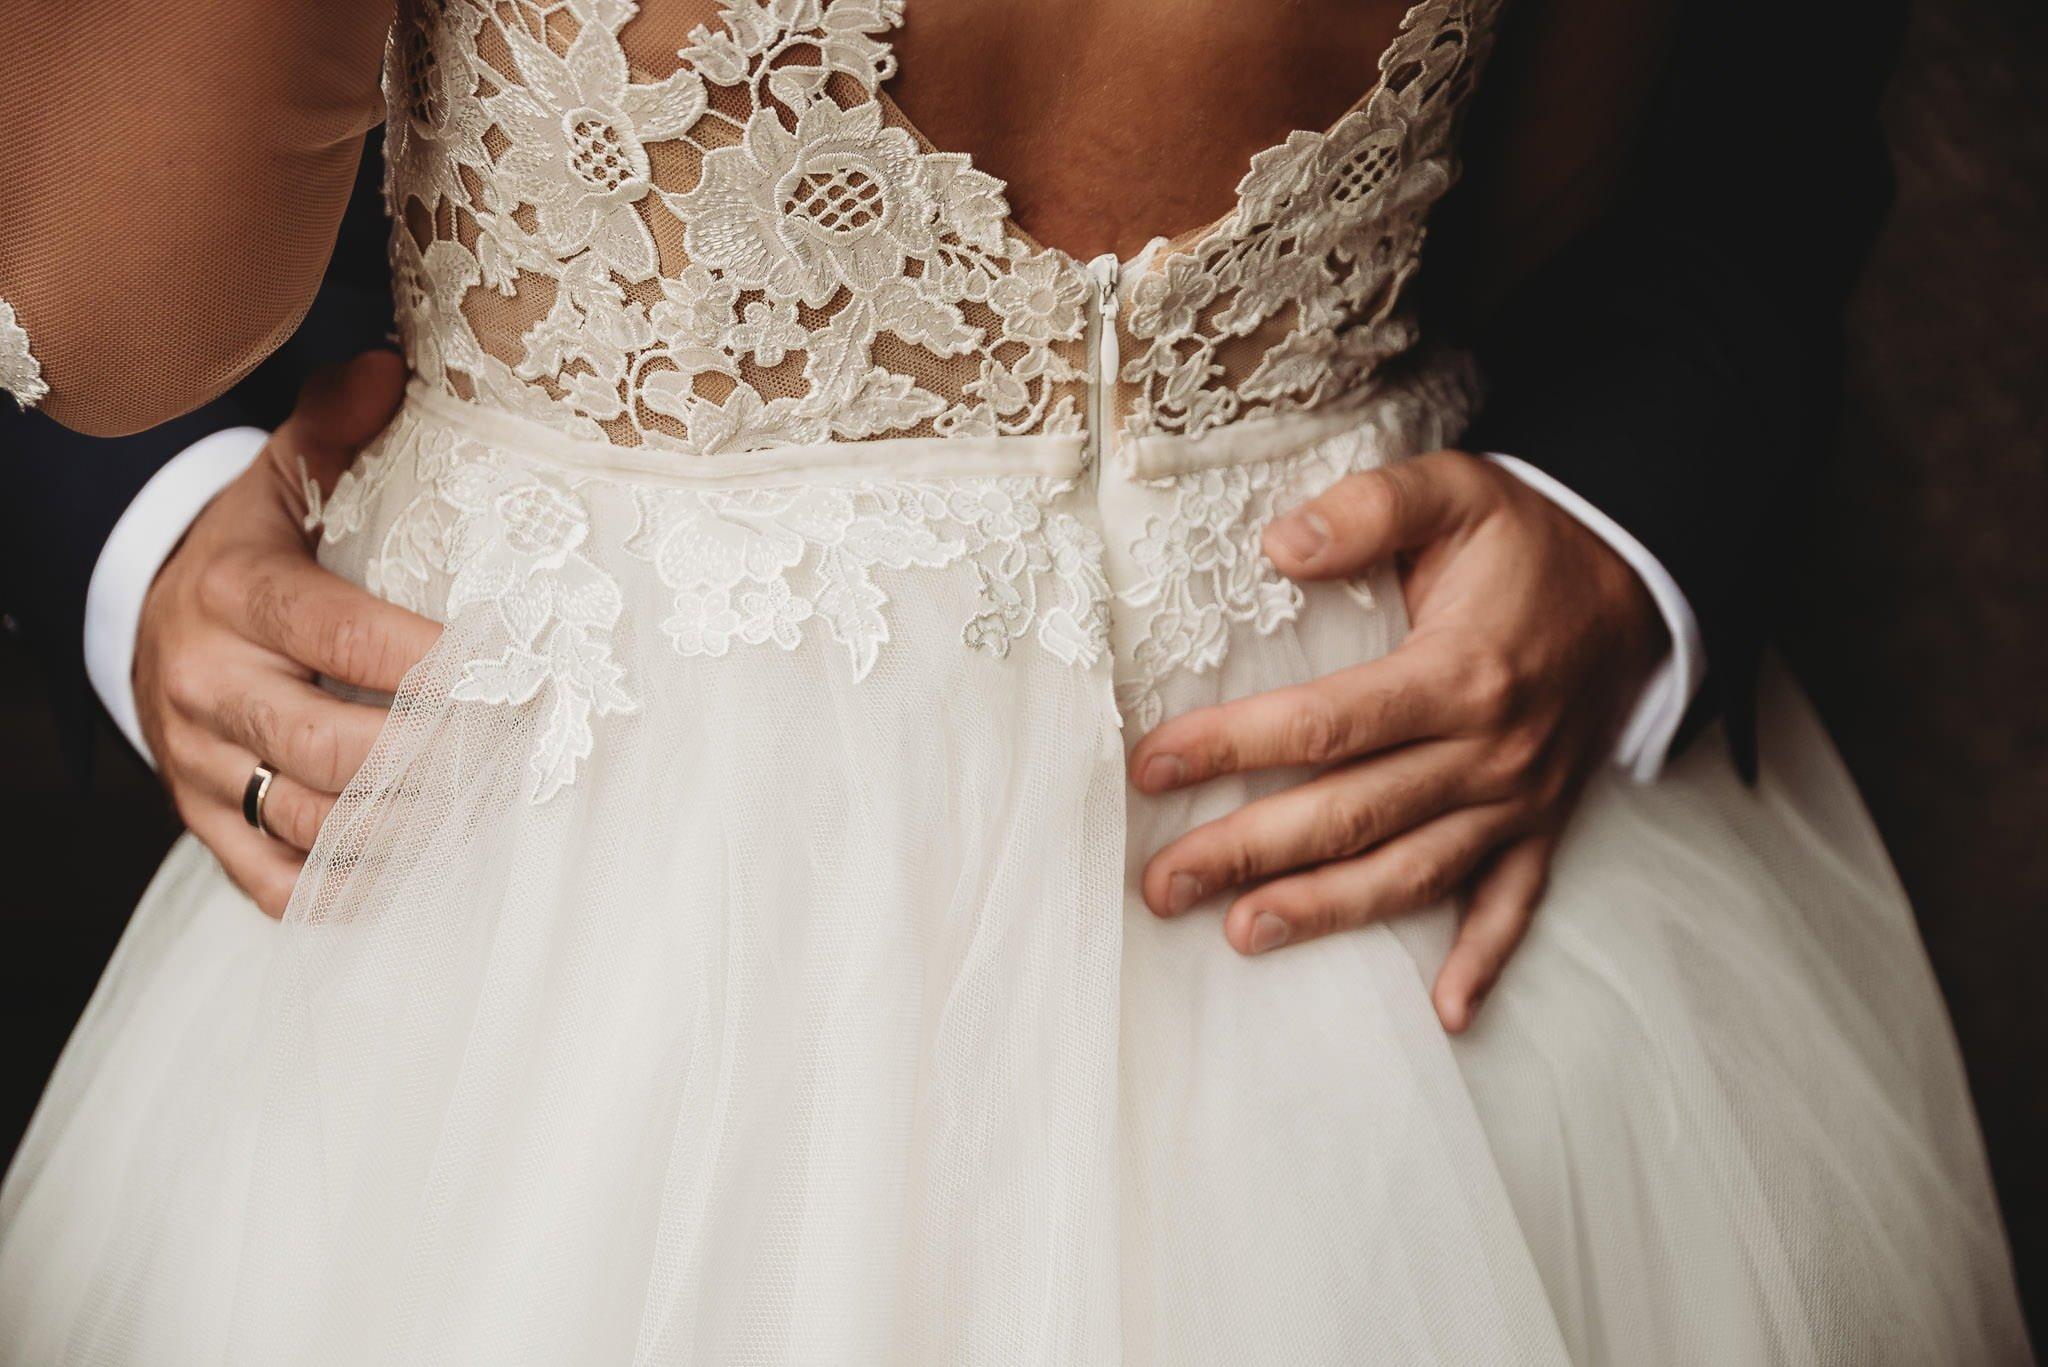 Angelika i Michał, piękne zdjęcia ślubne i sesja plenerowa w Gołuchowie 241